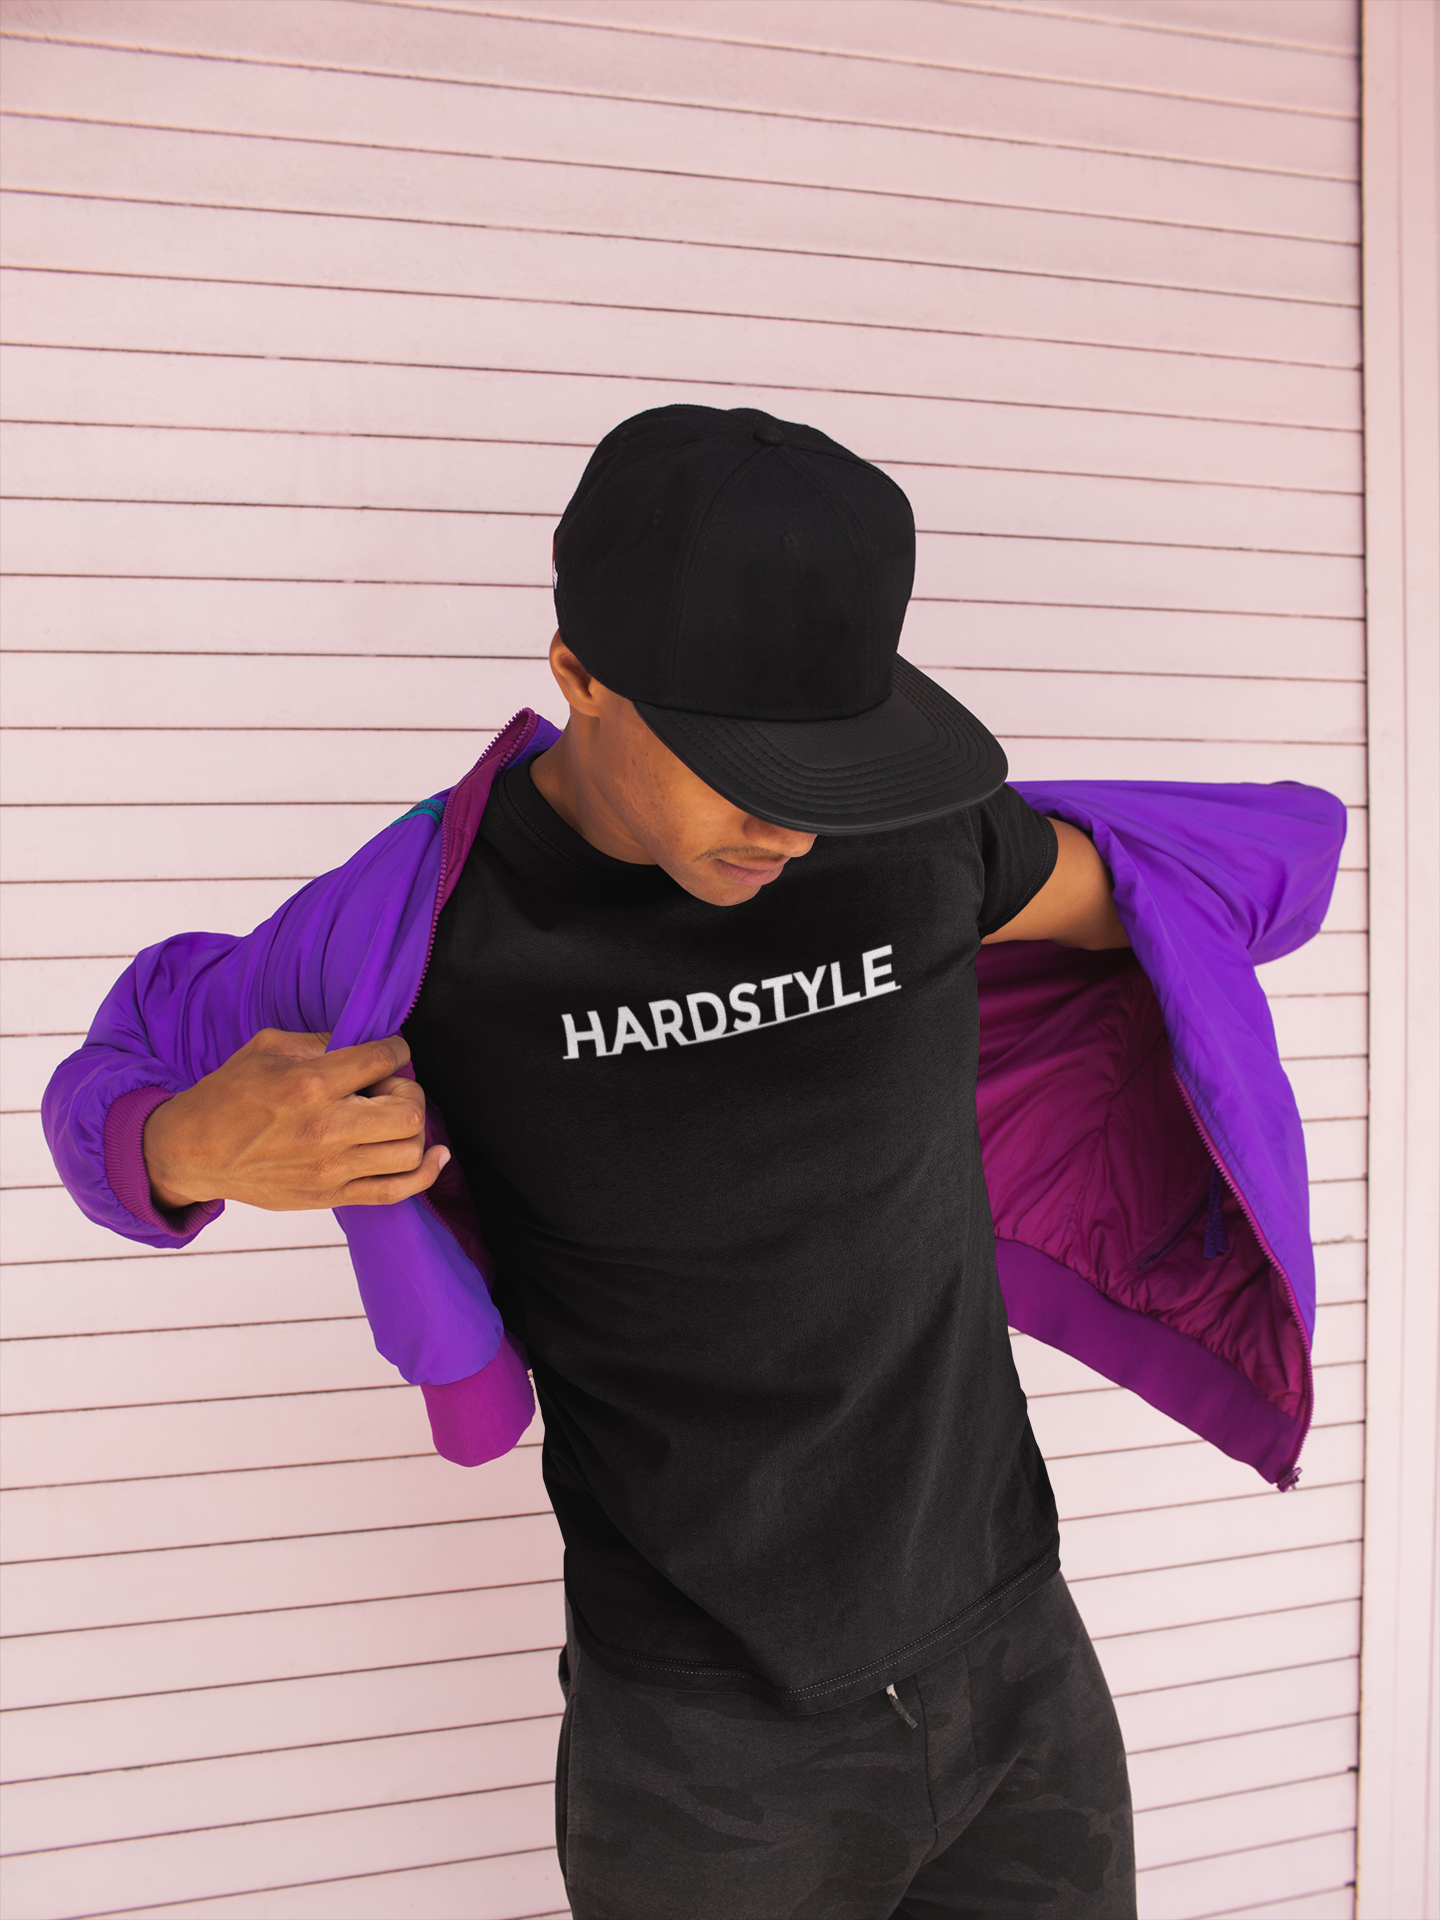 hardstyle t shirt man